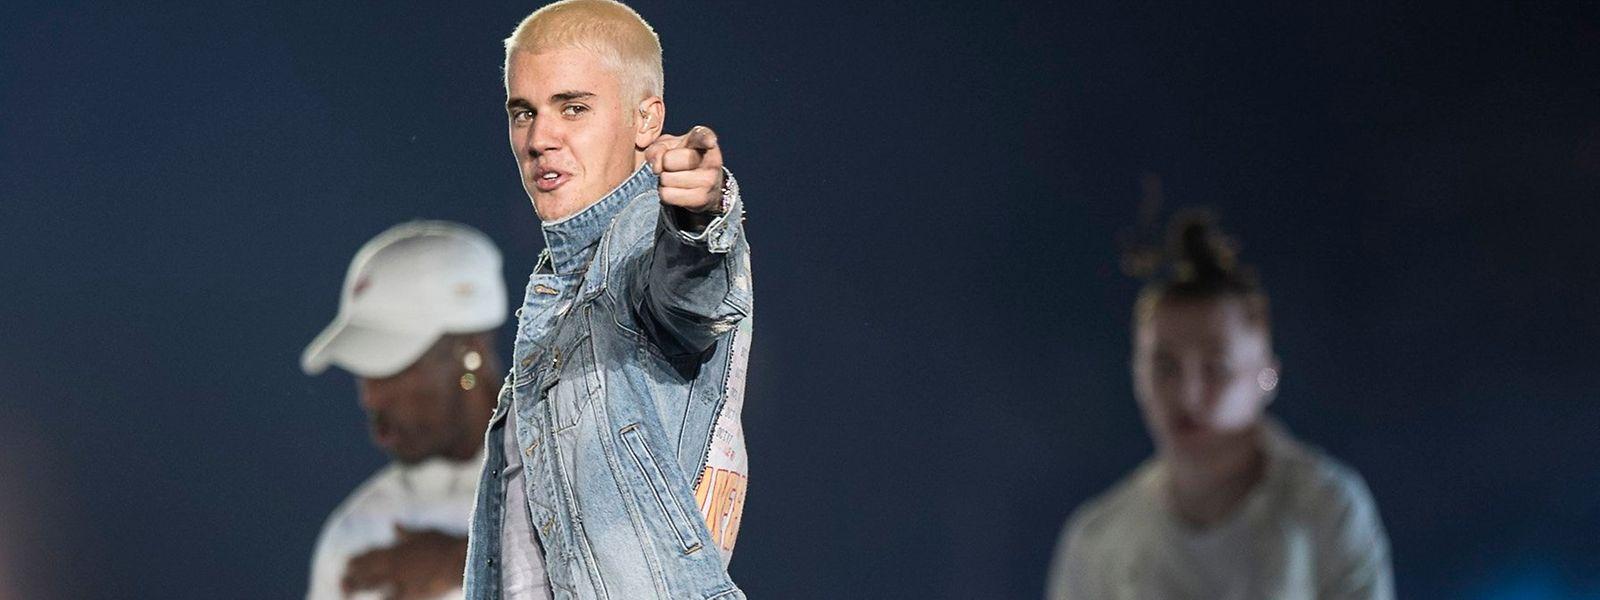 Justin Bieber bei einem Auftritt.